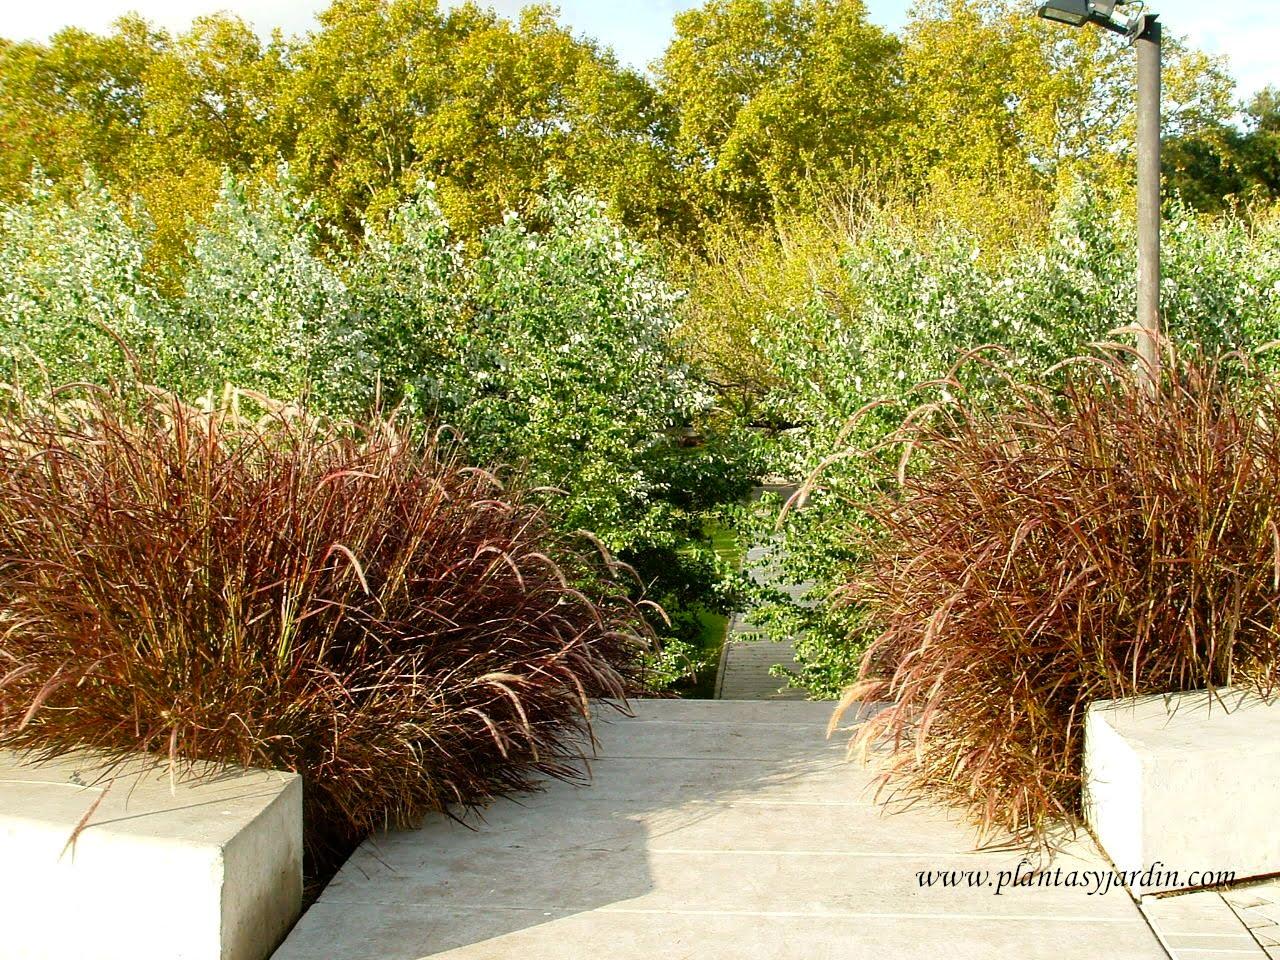 Pennisetum rubrum en contraste de colores y texturas.